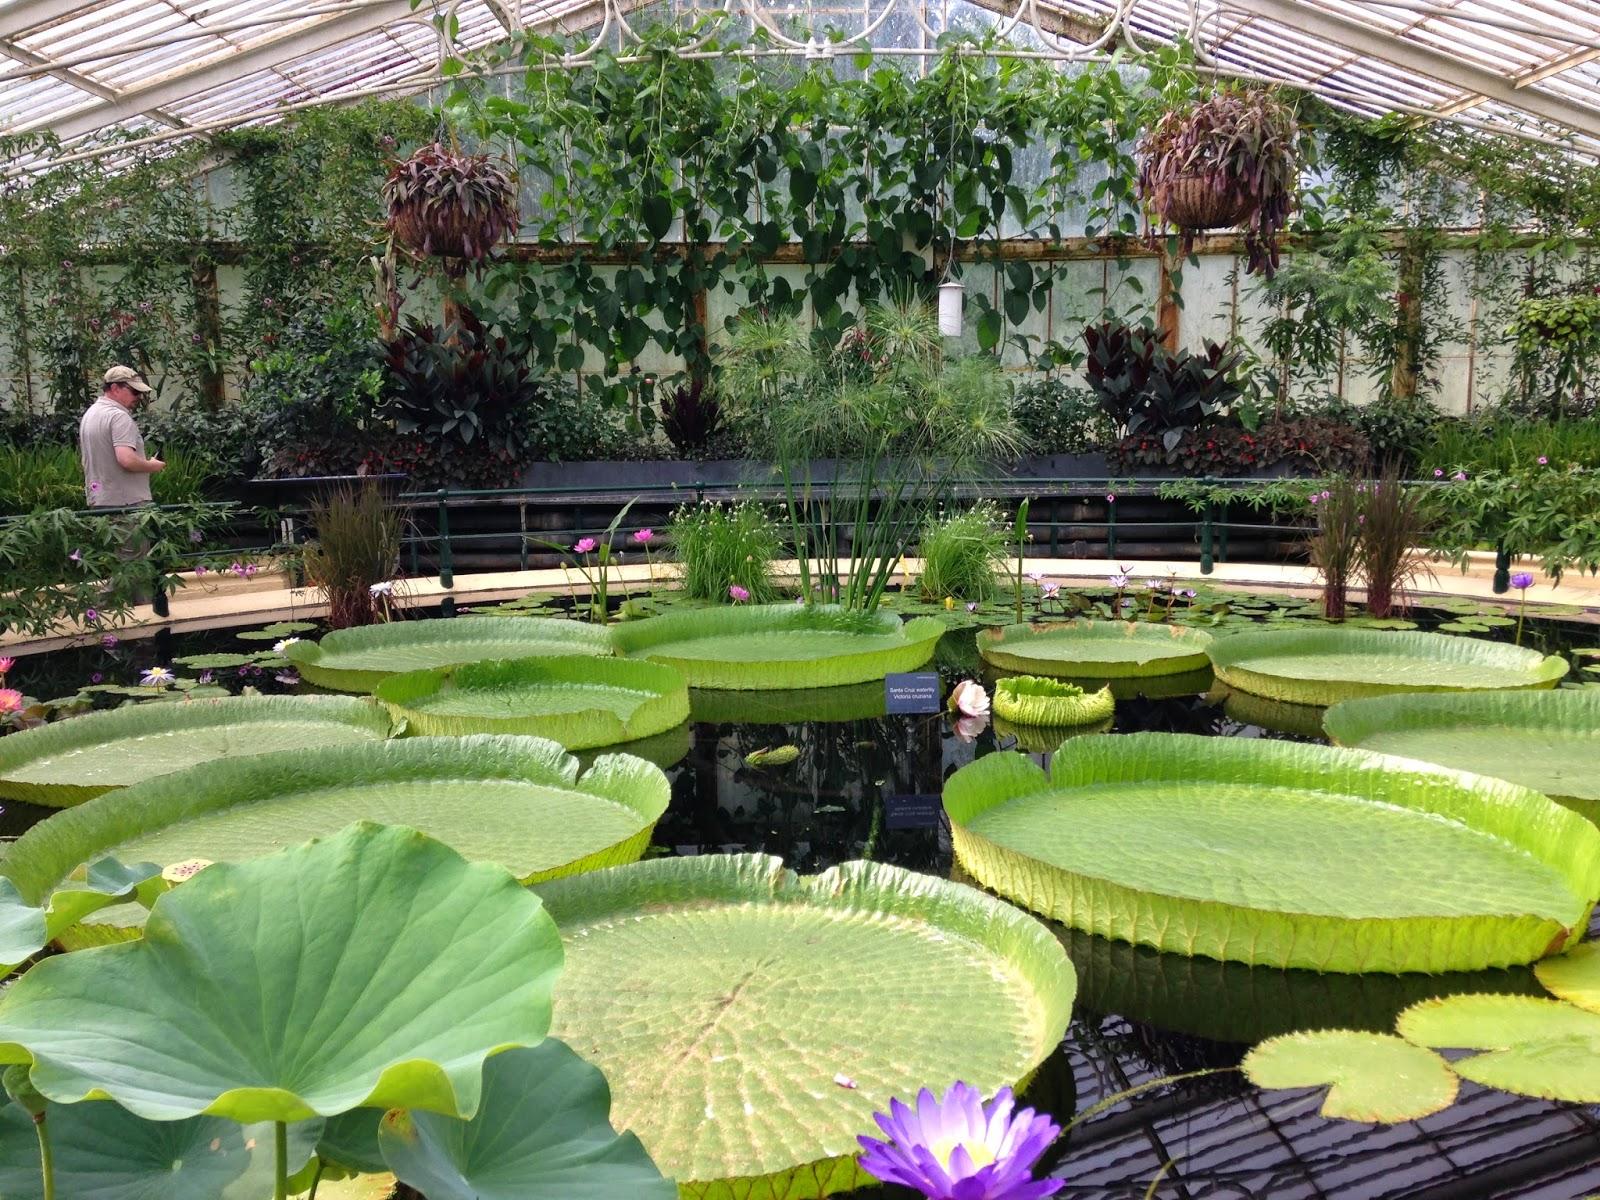 Les jardins de kew gardens horizon london for Le jardin richemond